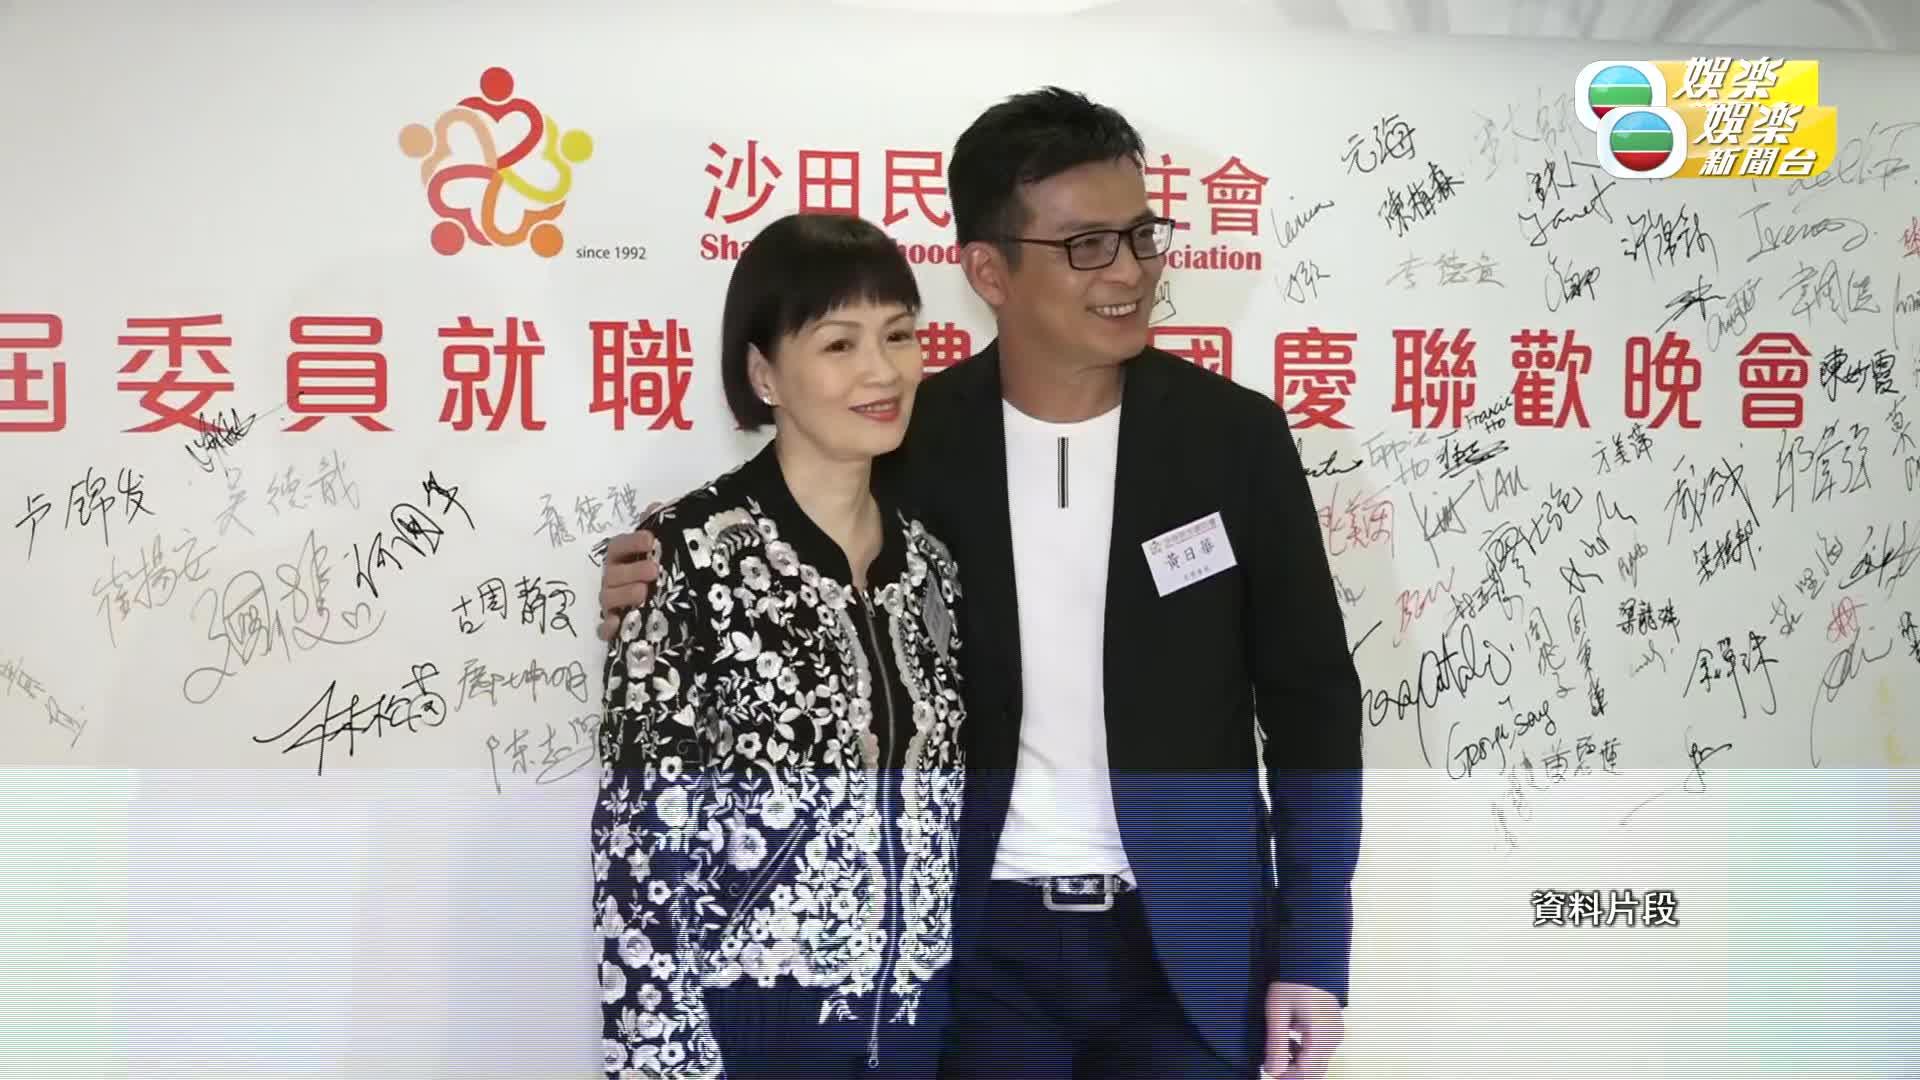 黃日華太太梁潔華器官衰竭病逝 終年59歲